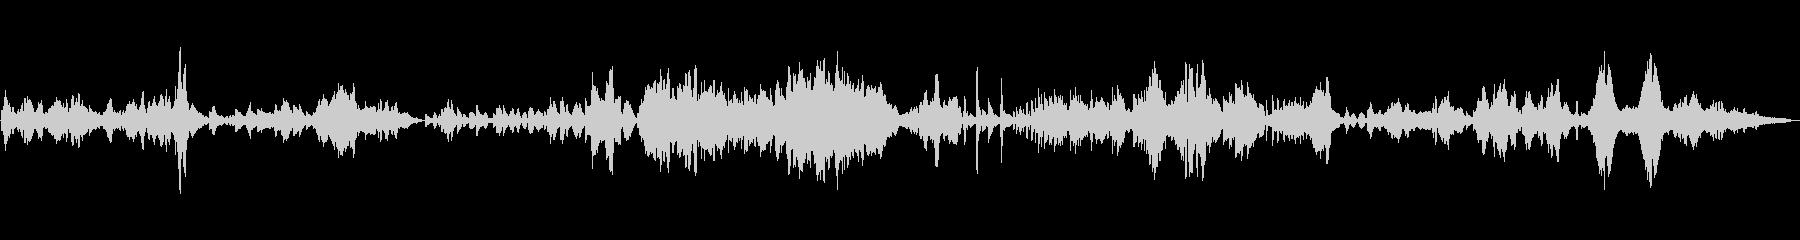 ドヴォルザーク作曲ソナチネ2の未再生の波形